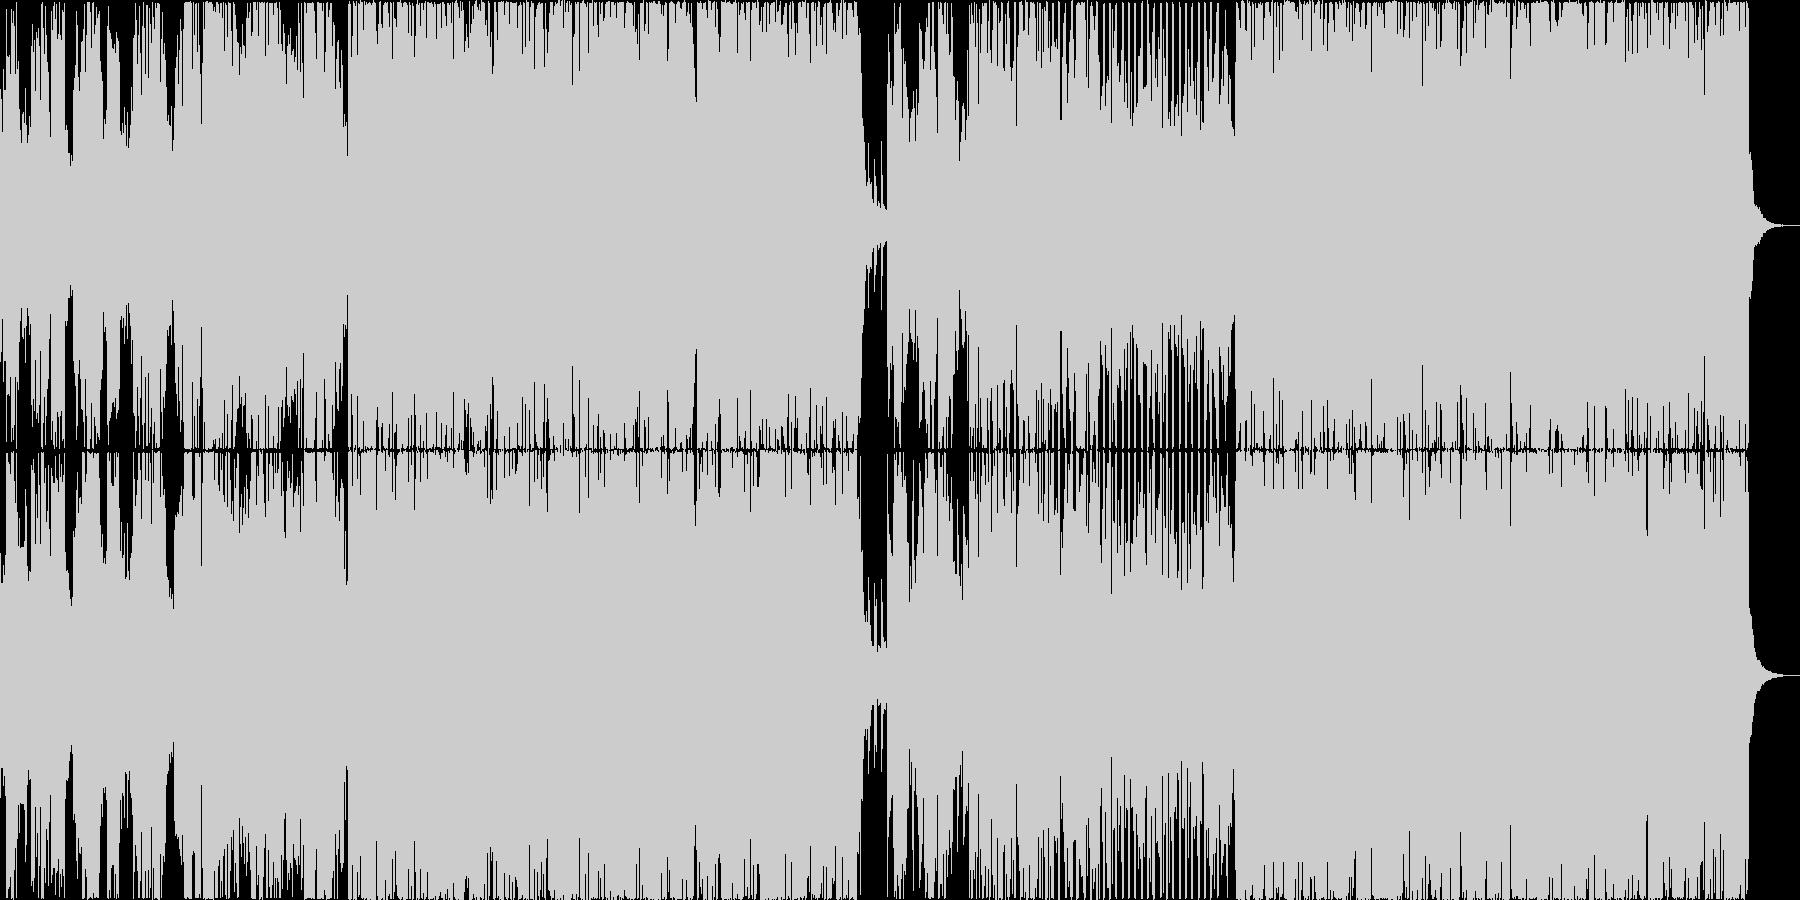 サビ盛り上がり系のポップス(英語詞)の未再生の波形